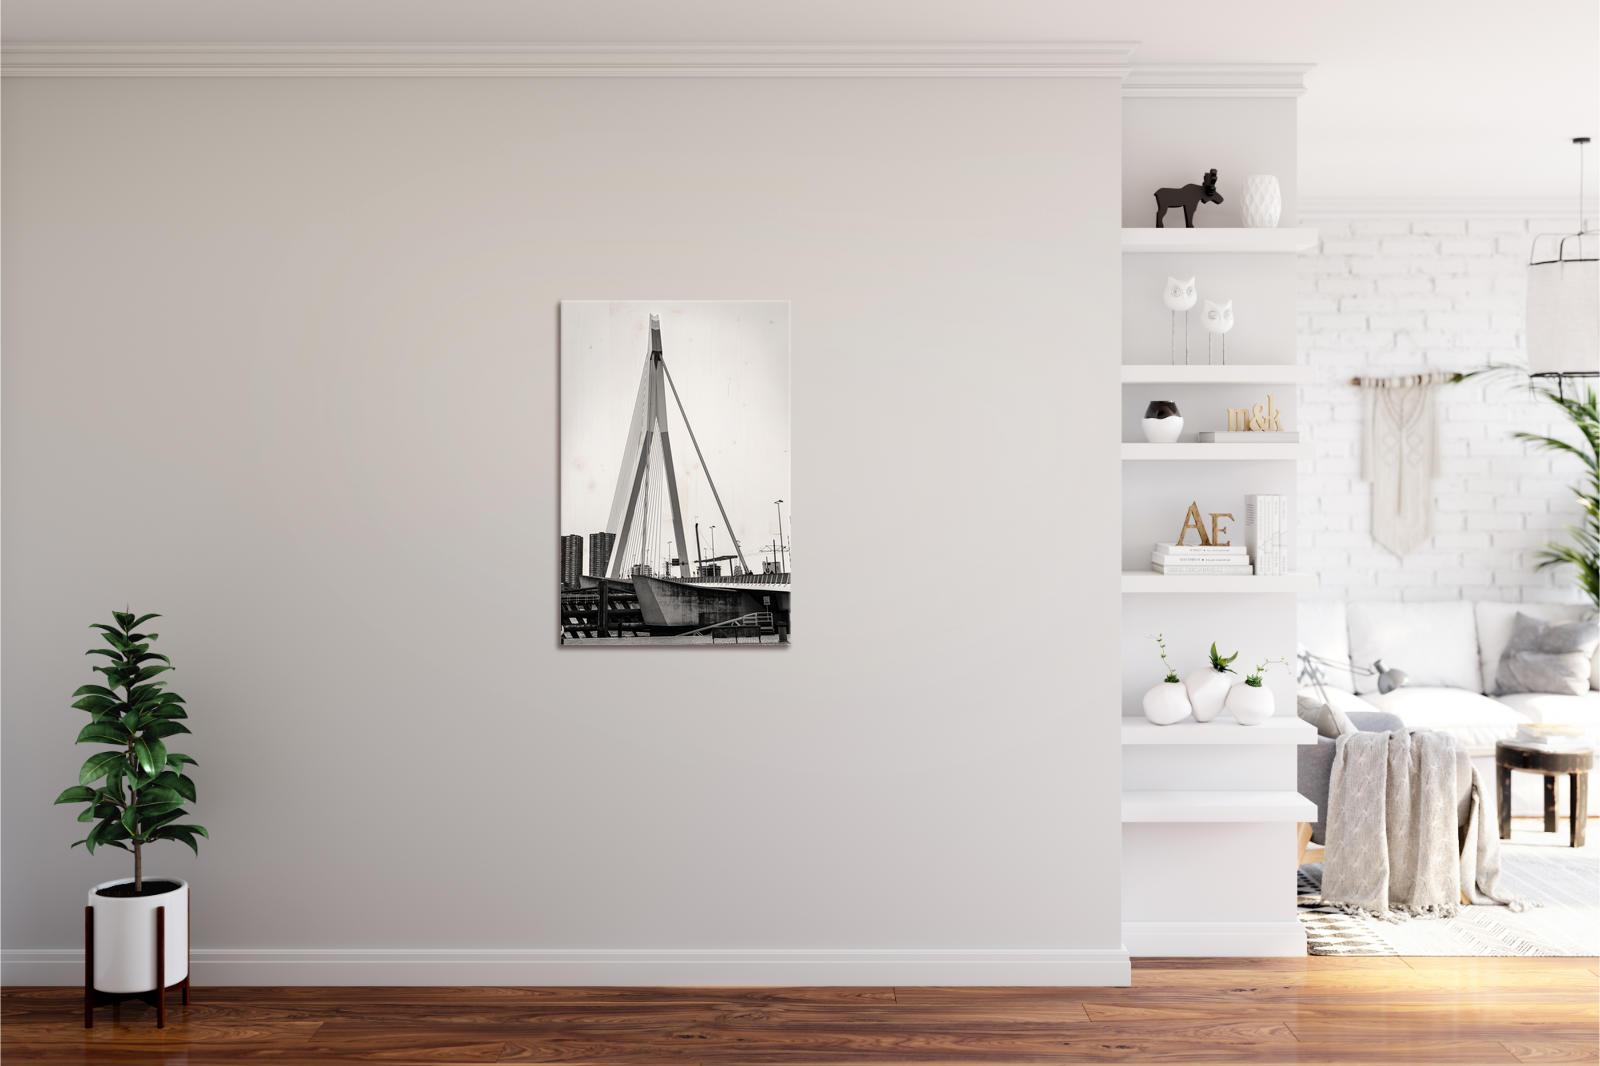 Großaufnahme der Erasmusbrücke in Rotterdam in schwarz-weiss als nachhaltiger Kunstdruck auf Echtholz in 60x90cm von Stephan Böhm